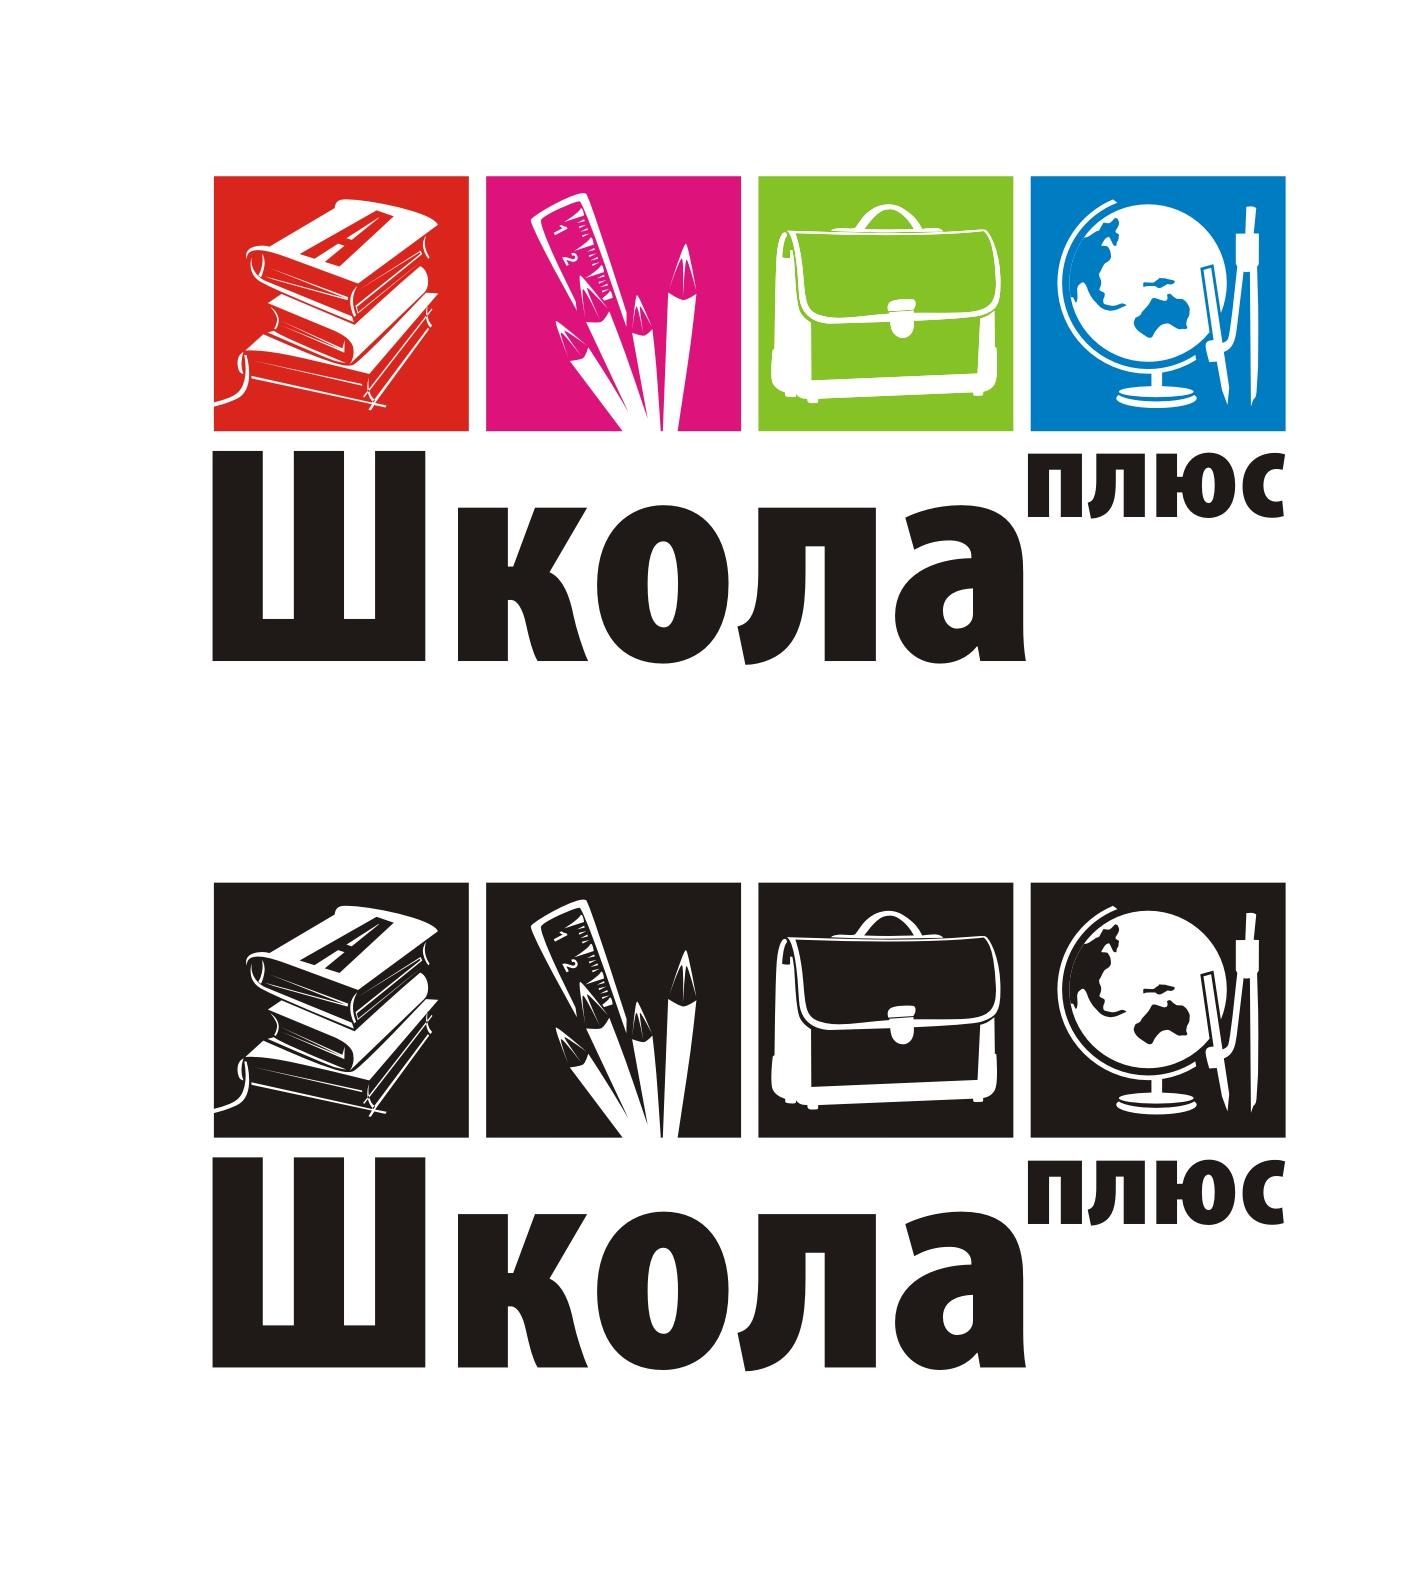 Разработка логотипа и пары элементов фирменного стиля фото f_4daef81f6aeba.jpg